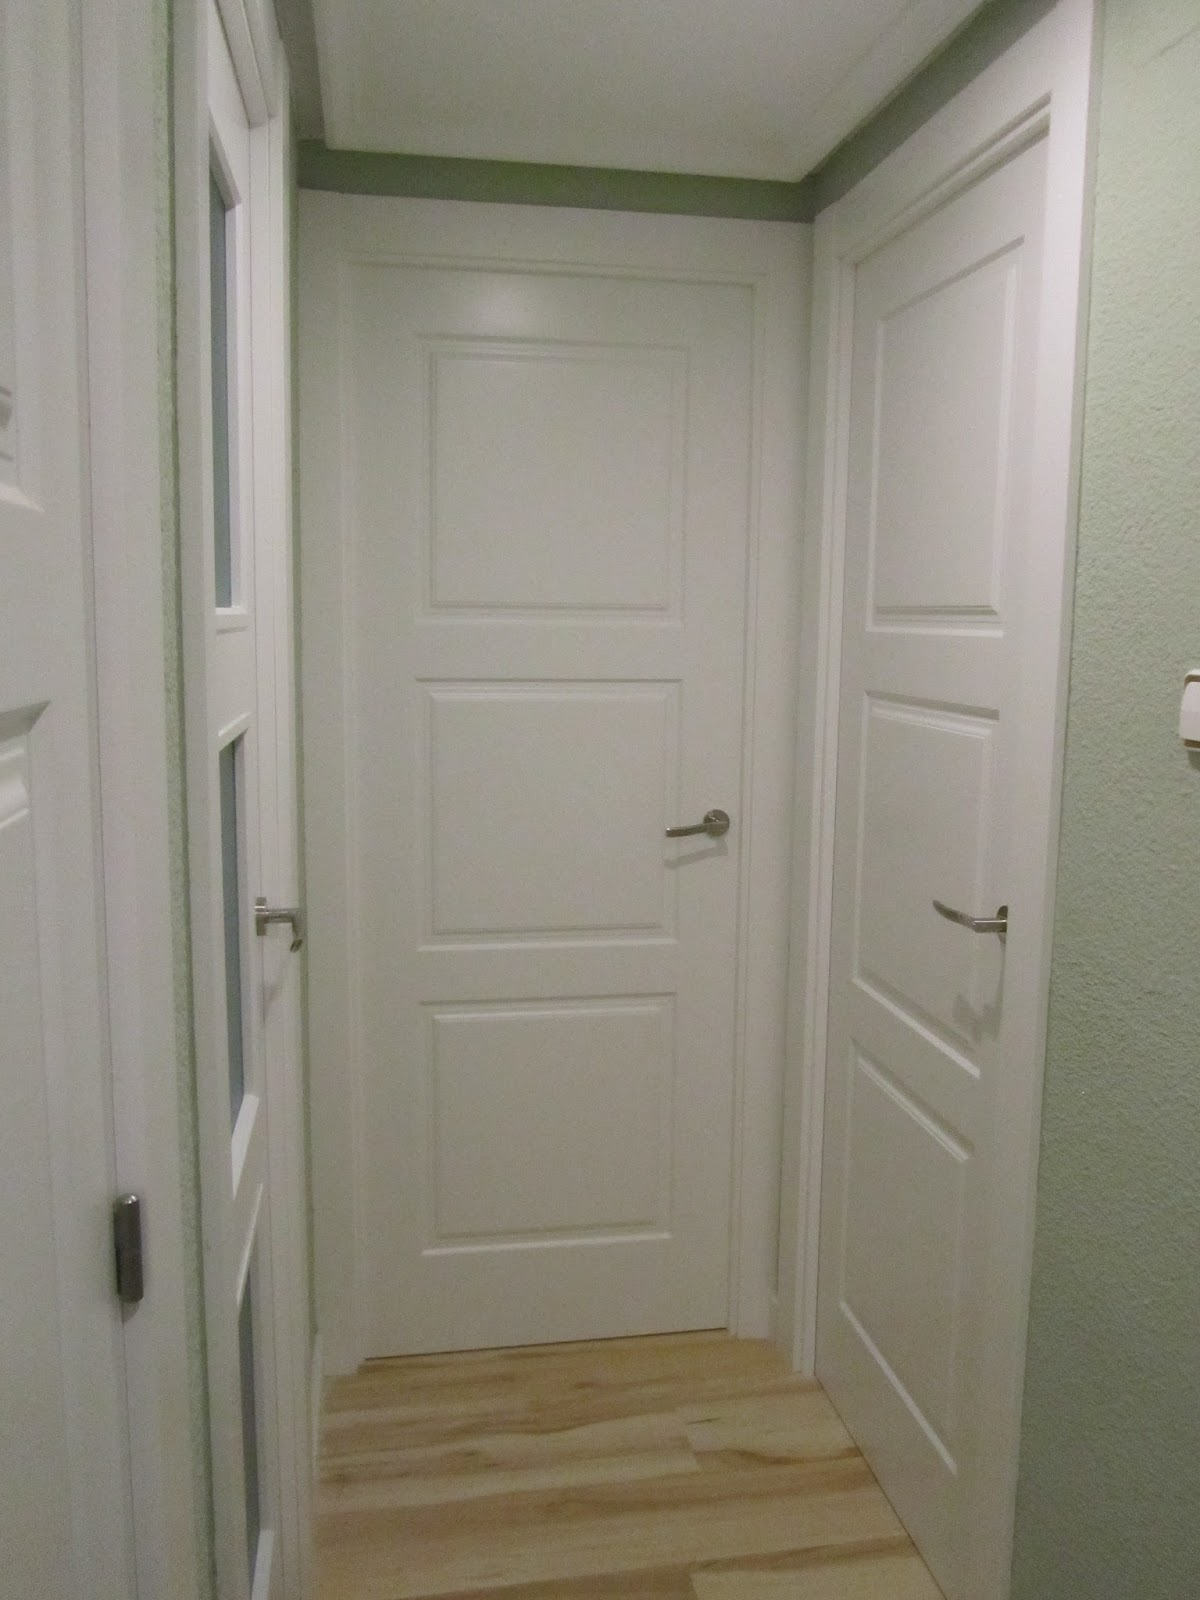 Puertas lozano instalacion de puerta blindada puertas for Suelo gris y puertas blancas